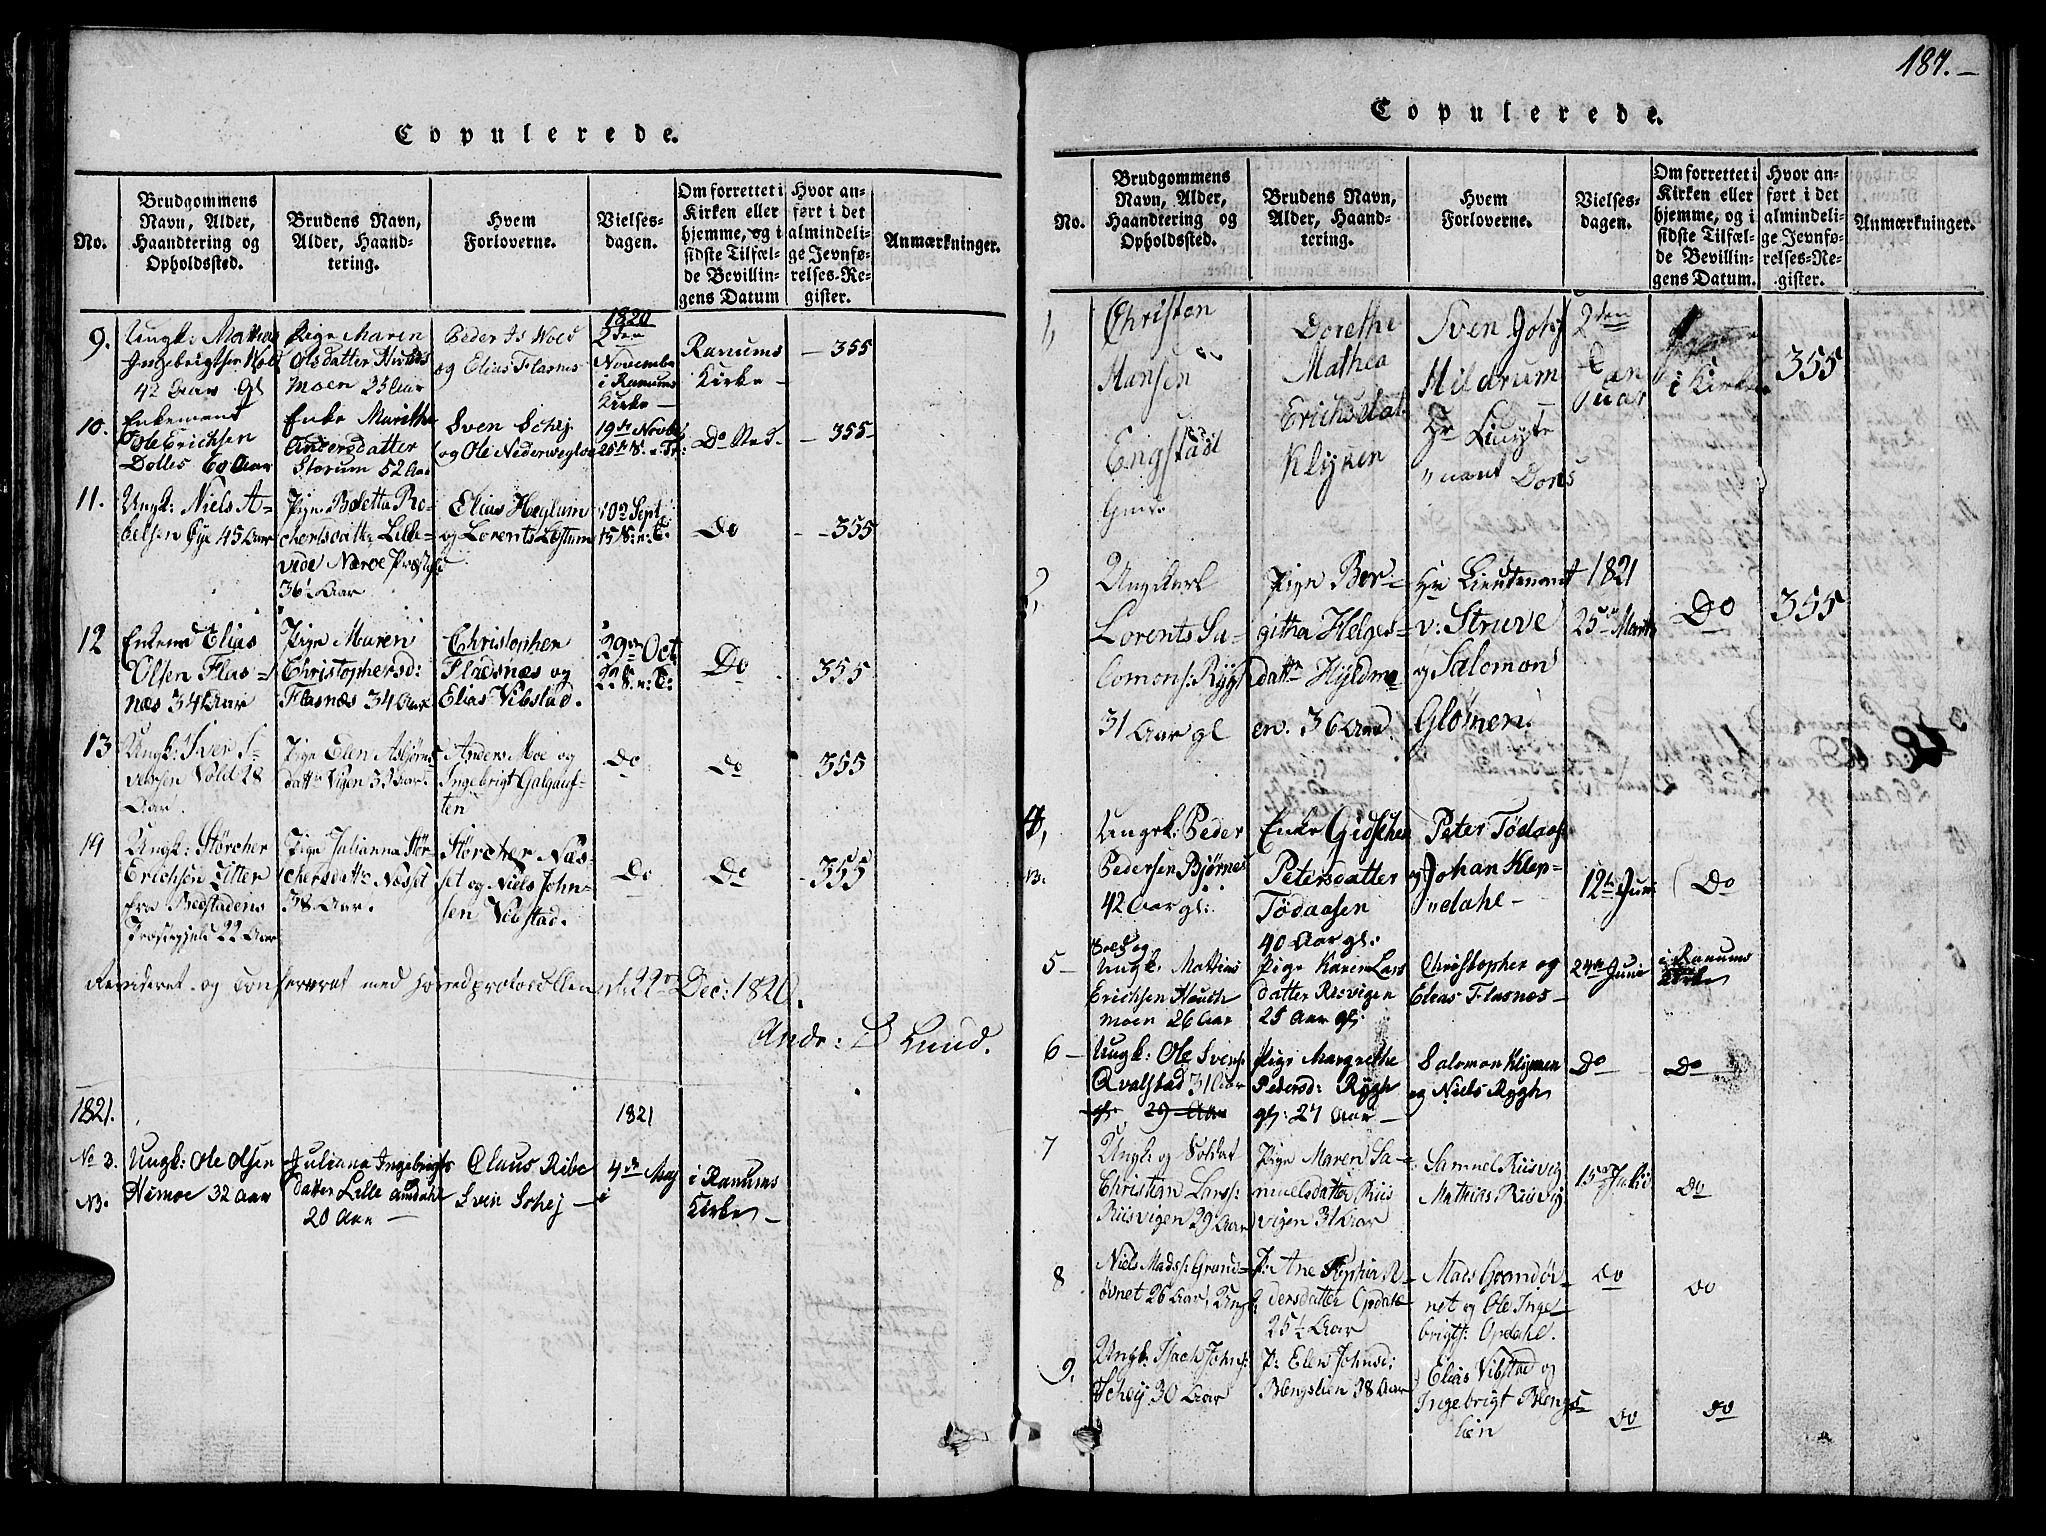 SAT, Ministerialprotokoller, klokkerbøker og fødselsregistre - Nord-Trøndelag, 764/L0559: Klokkerbok nr. 764C01, 1816-1824, s. 187